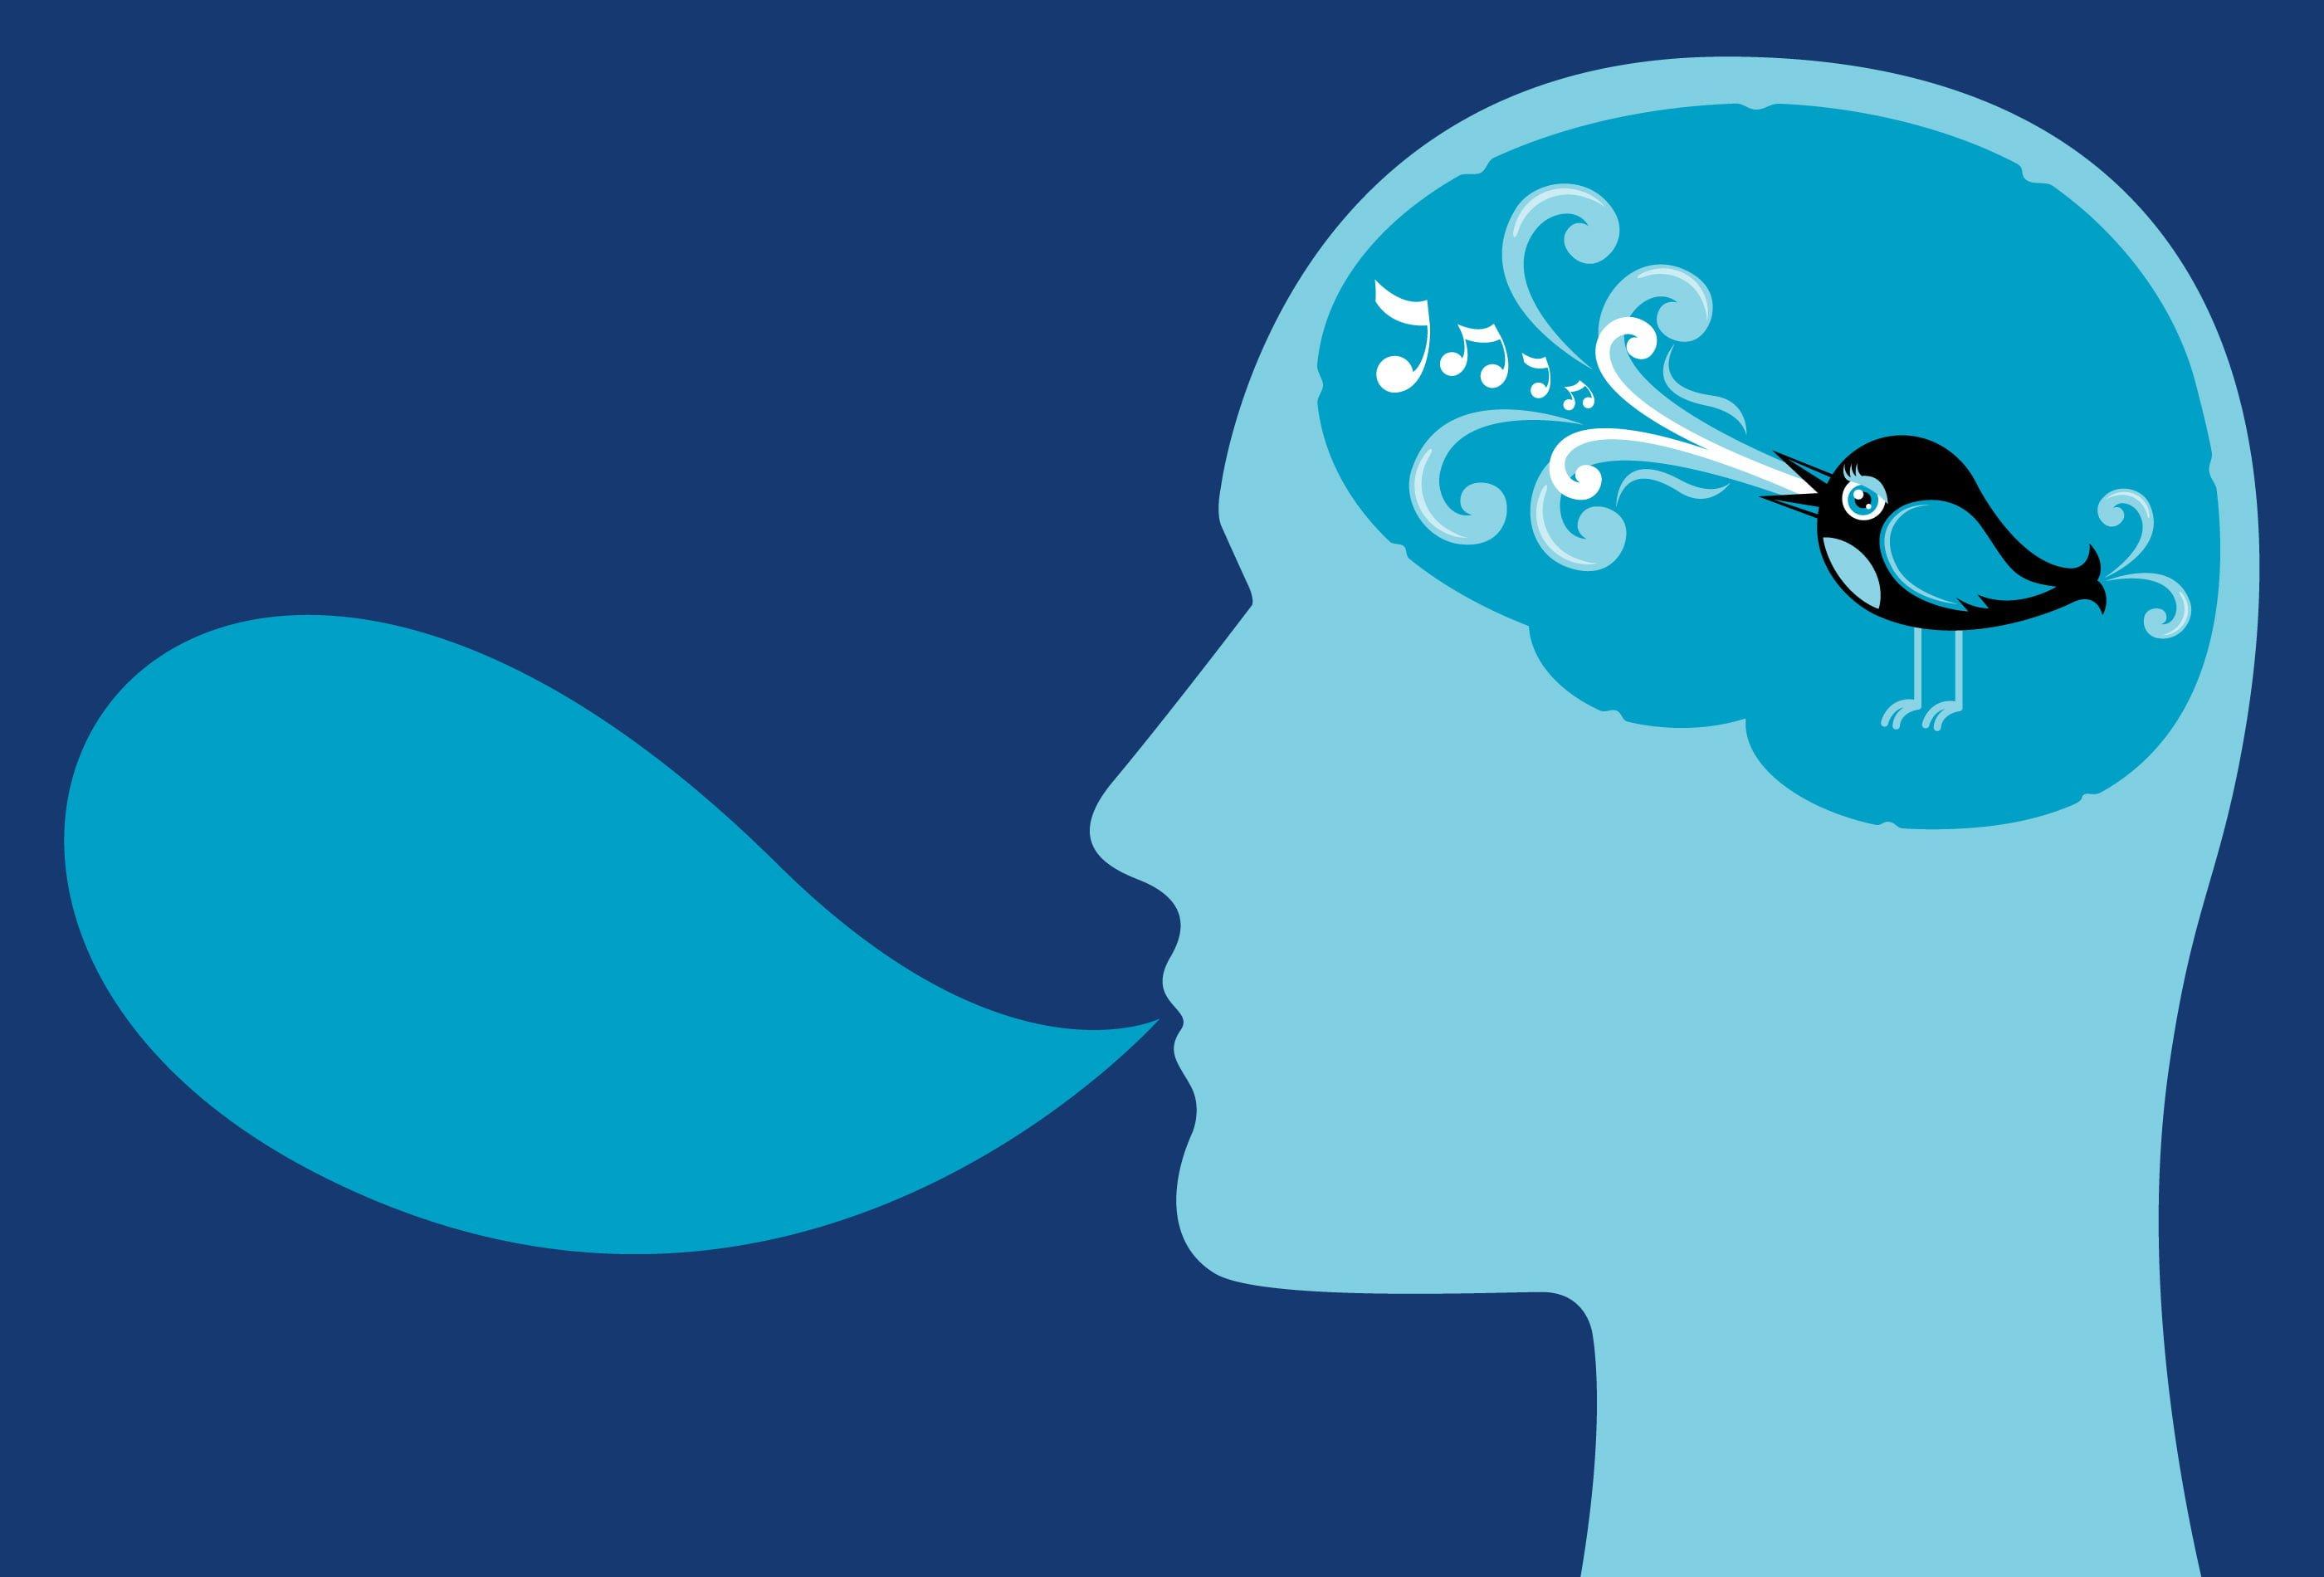 Tweety głosowe na Twitterze już w przyszłym roku. Posłuchajcie, jak to działa